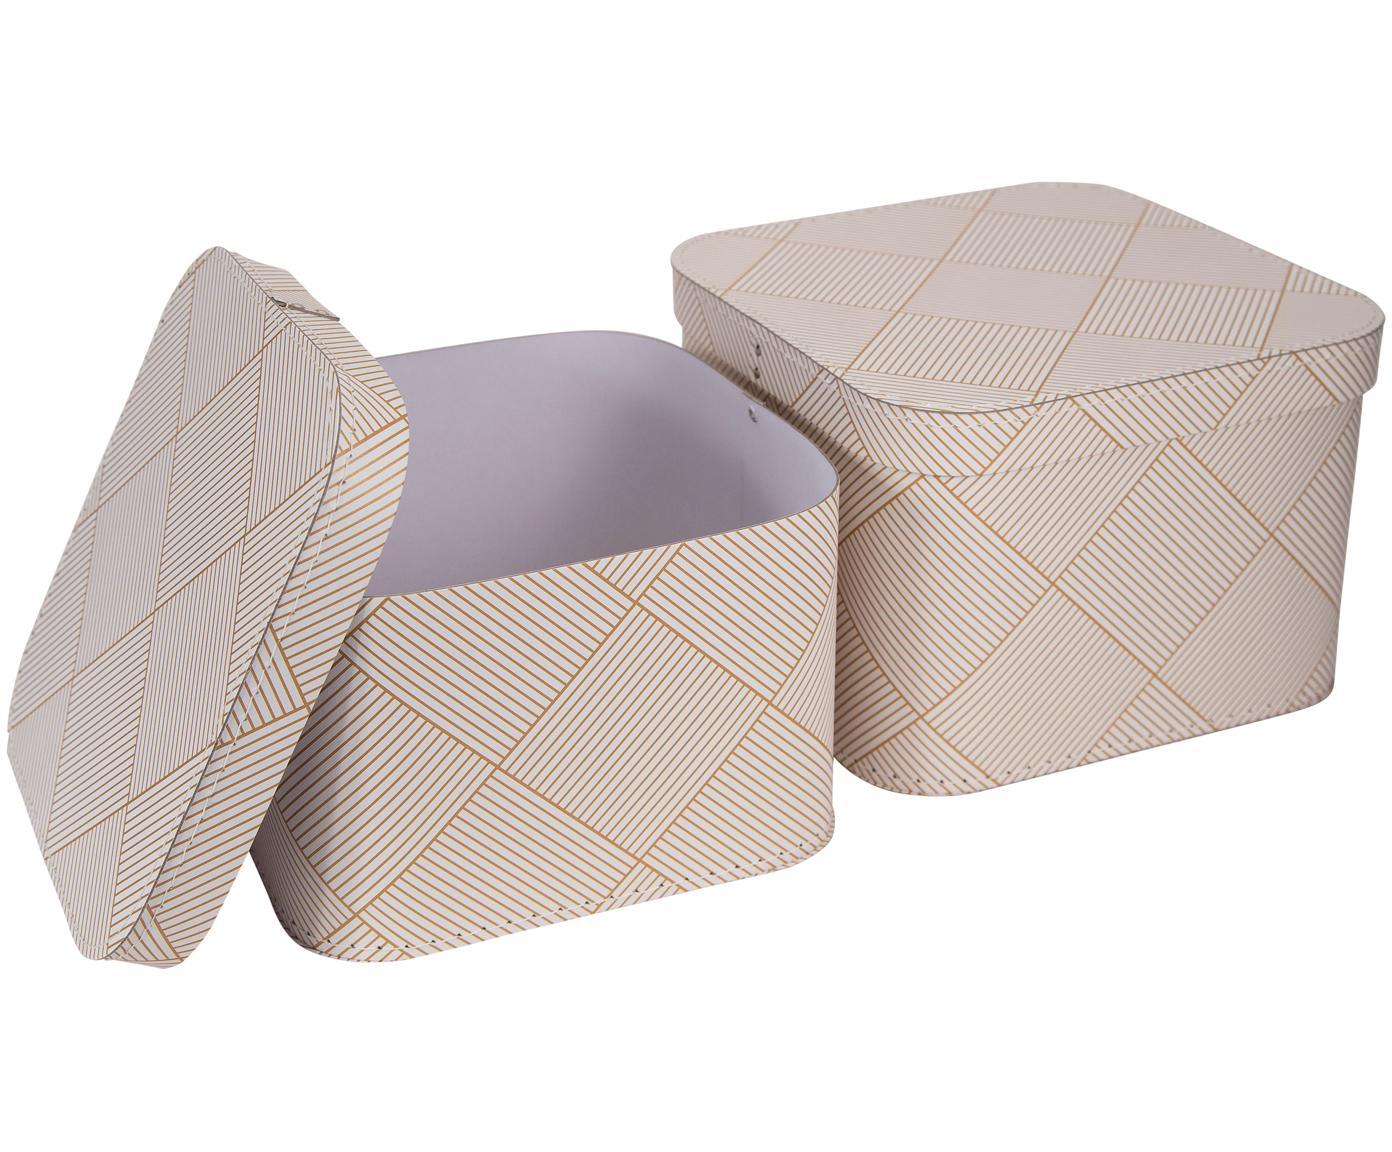 Aufbewahrungsboxen-Set Ludvig, 2-tlg., Fester, laminierter Karton, Goldfarben, Weiss, Verschiedene Grössen